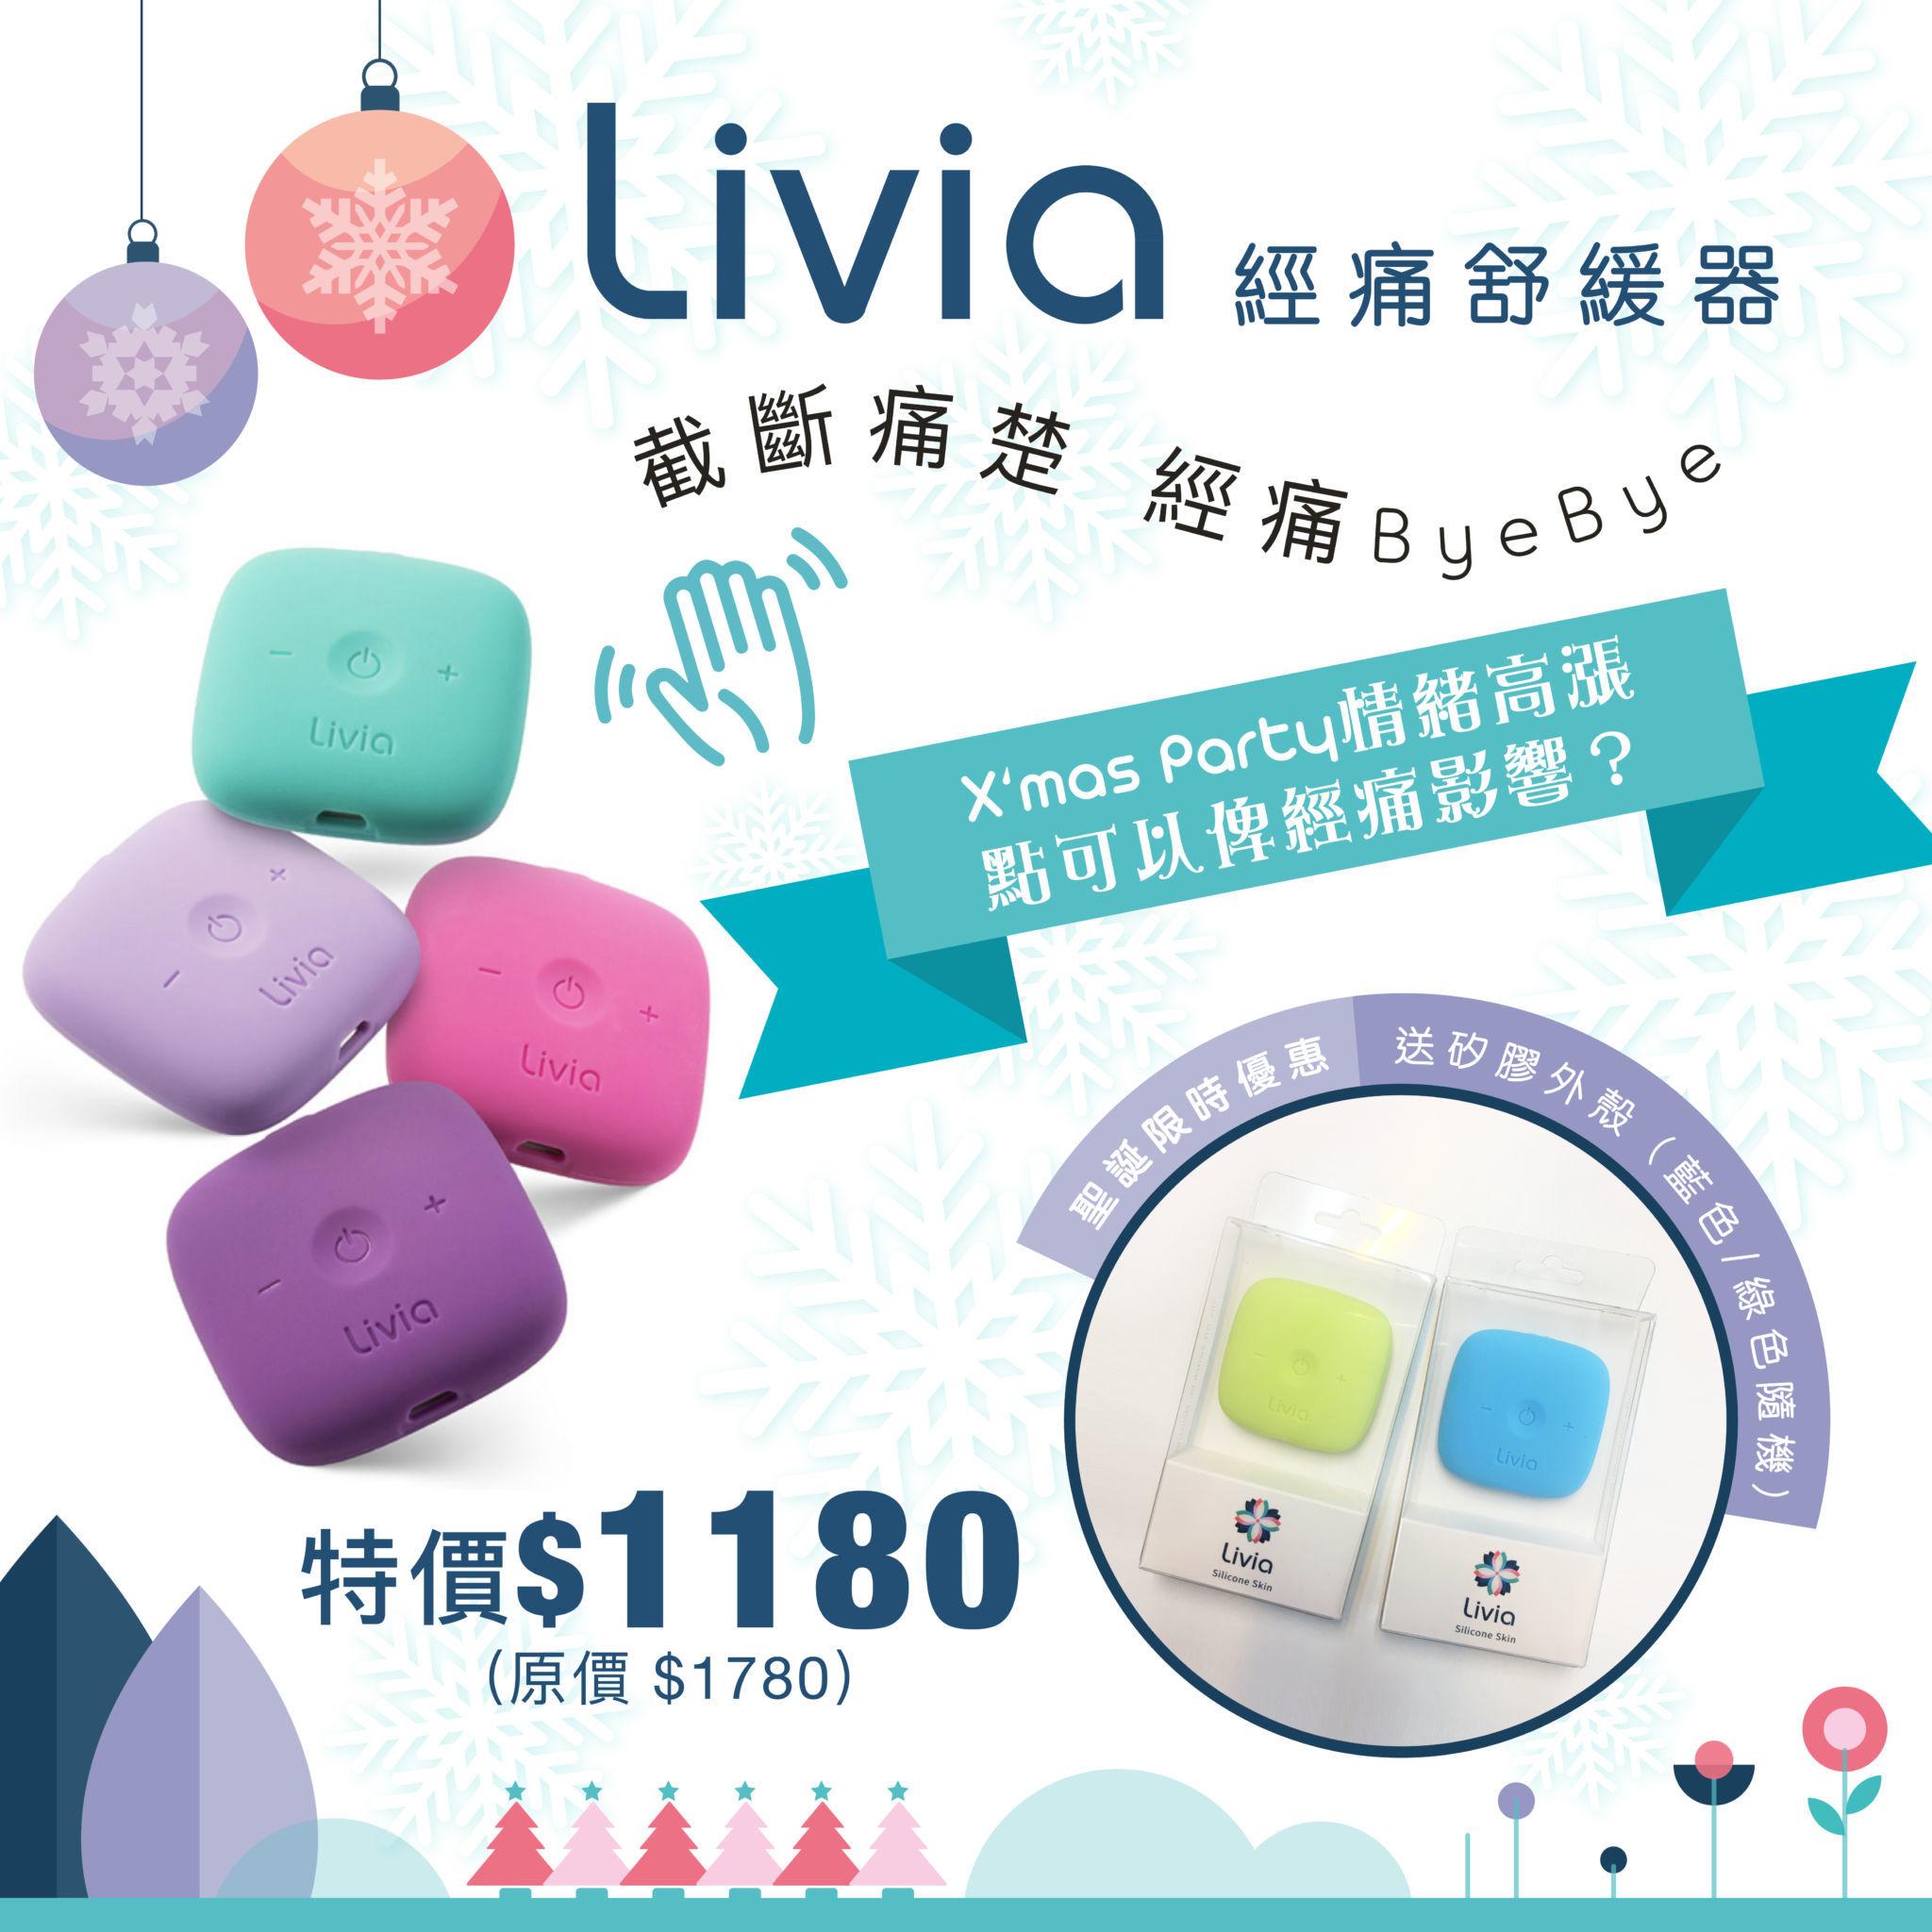 Livia 經痛舒緩器 送 矽膠外殼 (藍色/綠色隨機)